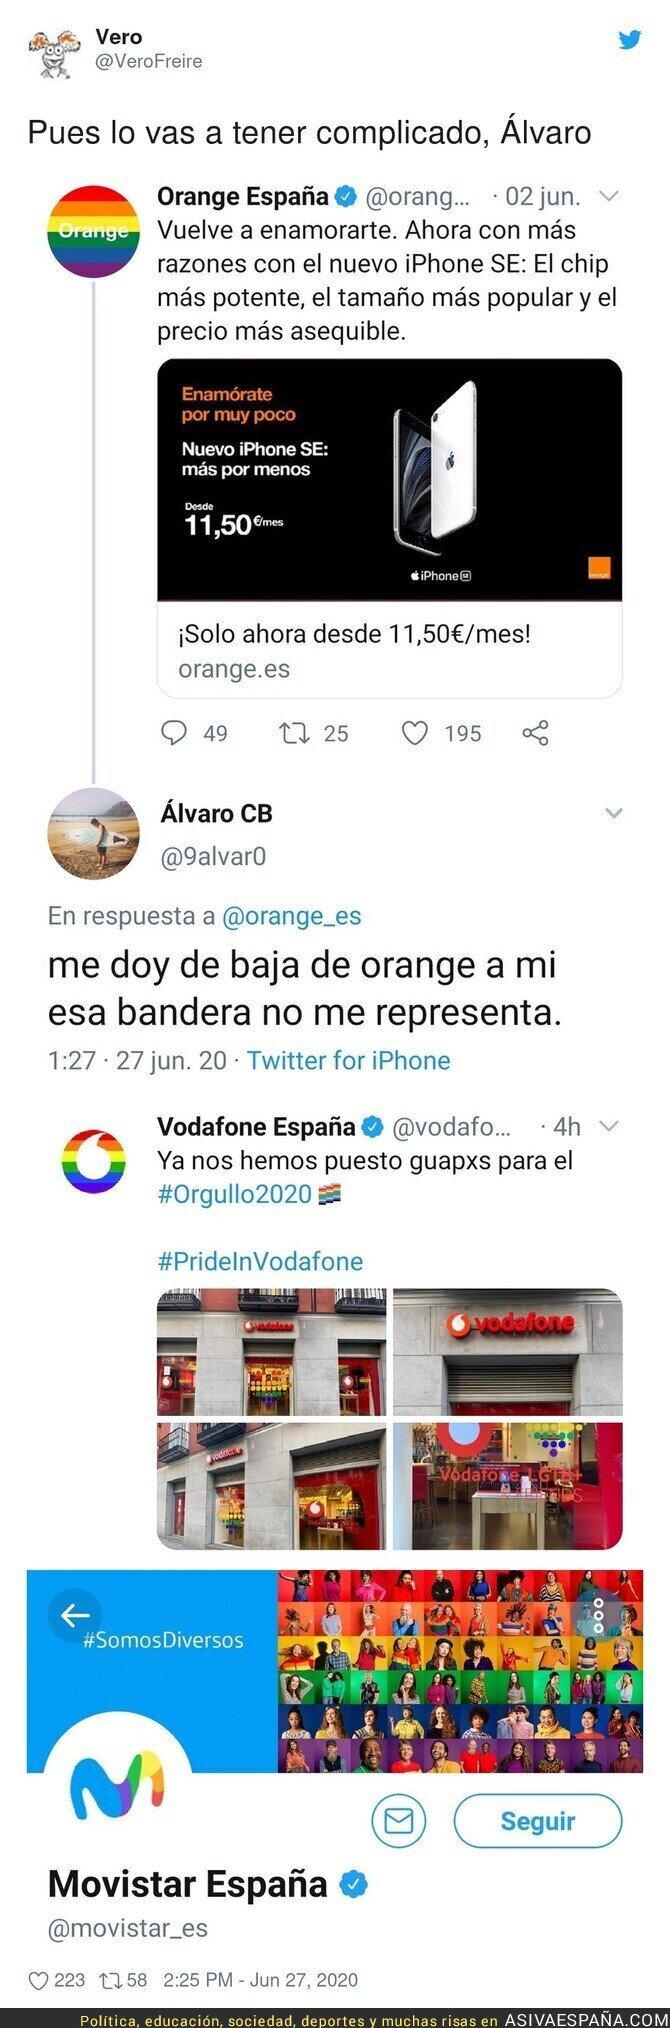 245121 - La historia de como Álvaro de Twitter se queda sin telecomunicaciones en España porque no le gustaba la bandera LGTB